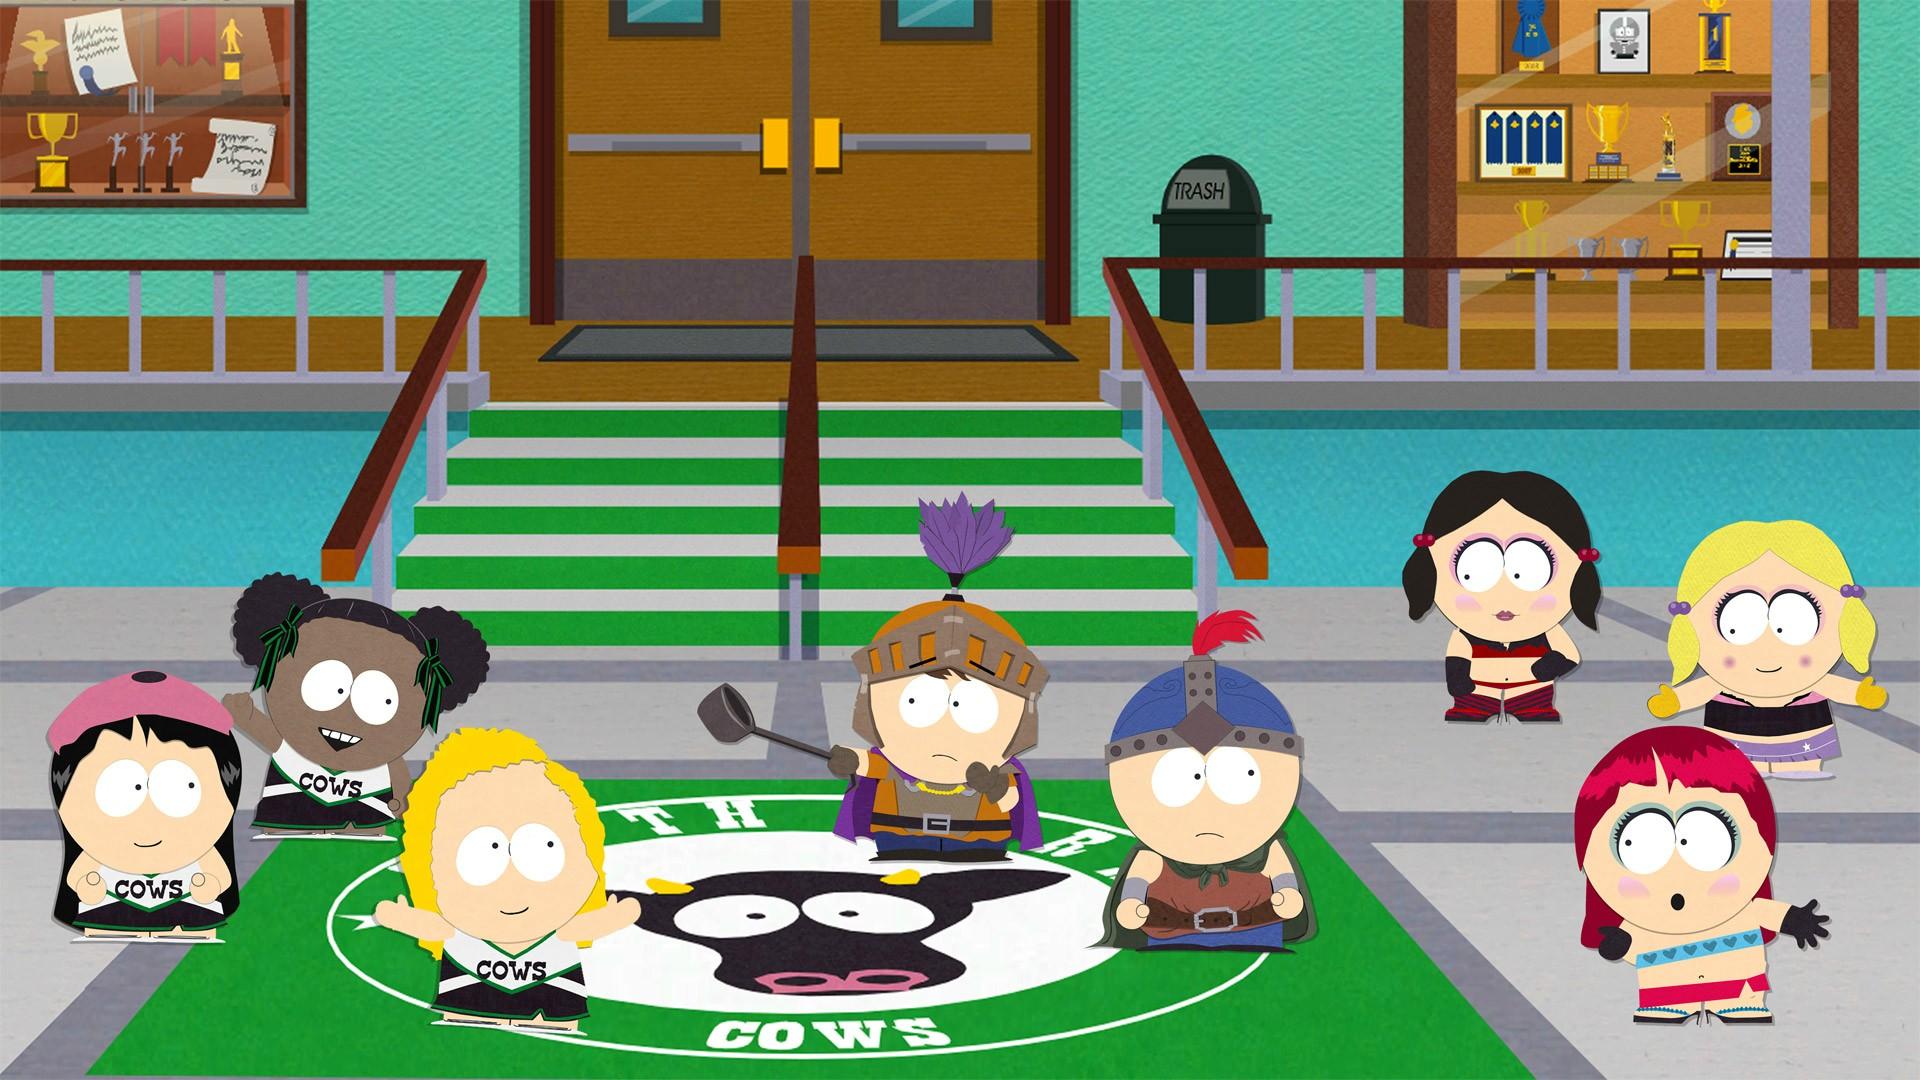 Ubisoft compra THQ Montreal y obtiene los derechos de publicación del juego de South Park